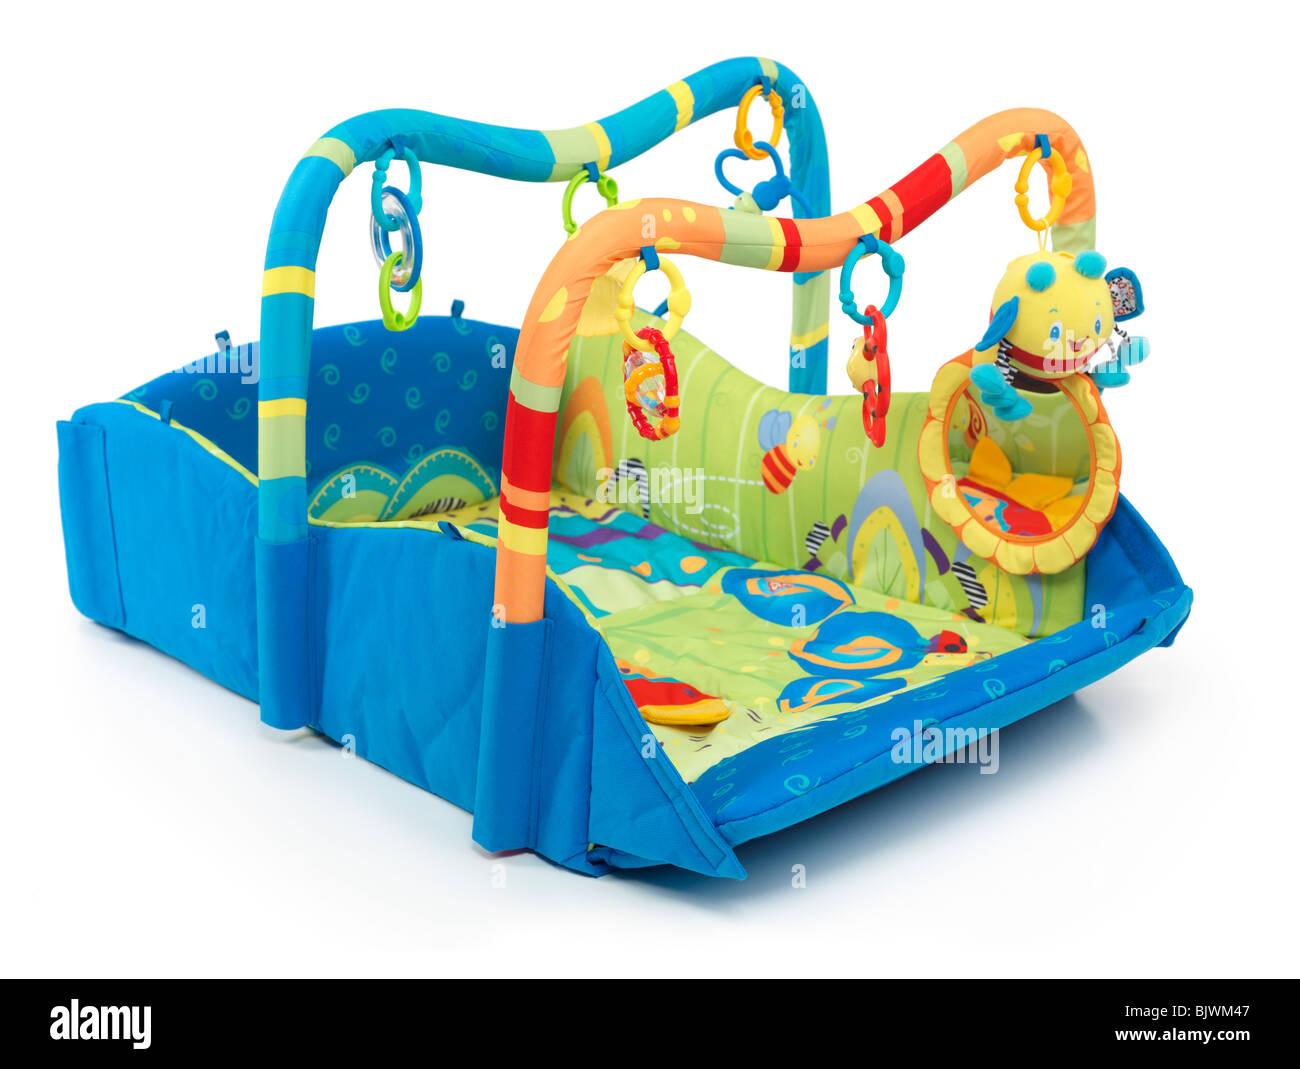 Klettergerüst Baby : Bunte spielmatte mit spielzeug für babys. isoliert auf weißem